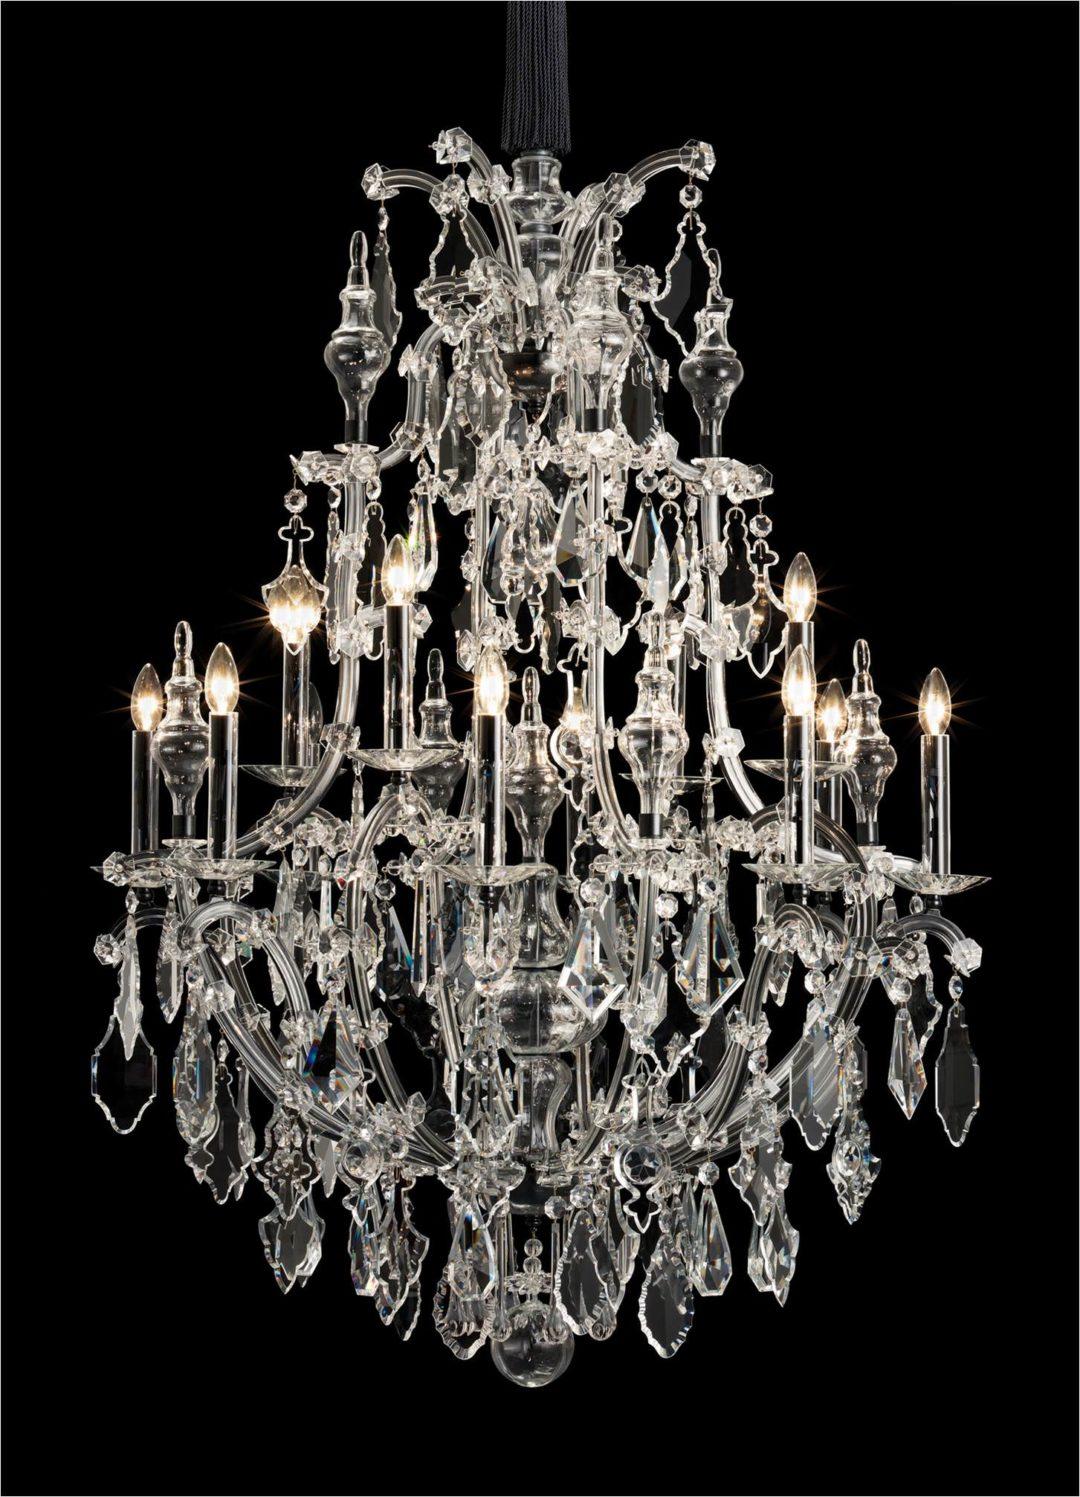 kronleuchter leuchter kristall 1080x1497 - Luxuriöse Kronleuchter von Wiener Manufaktur